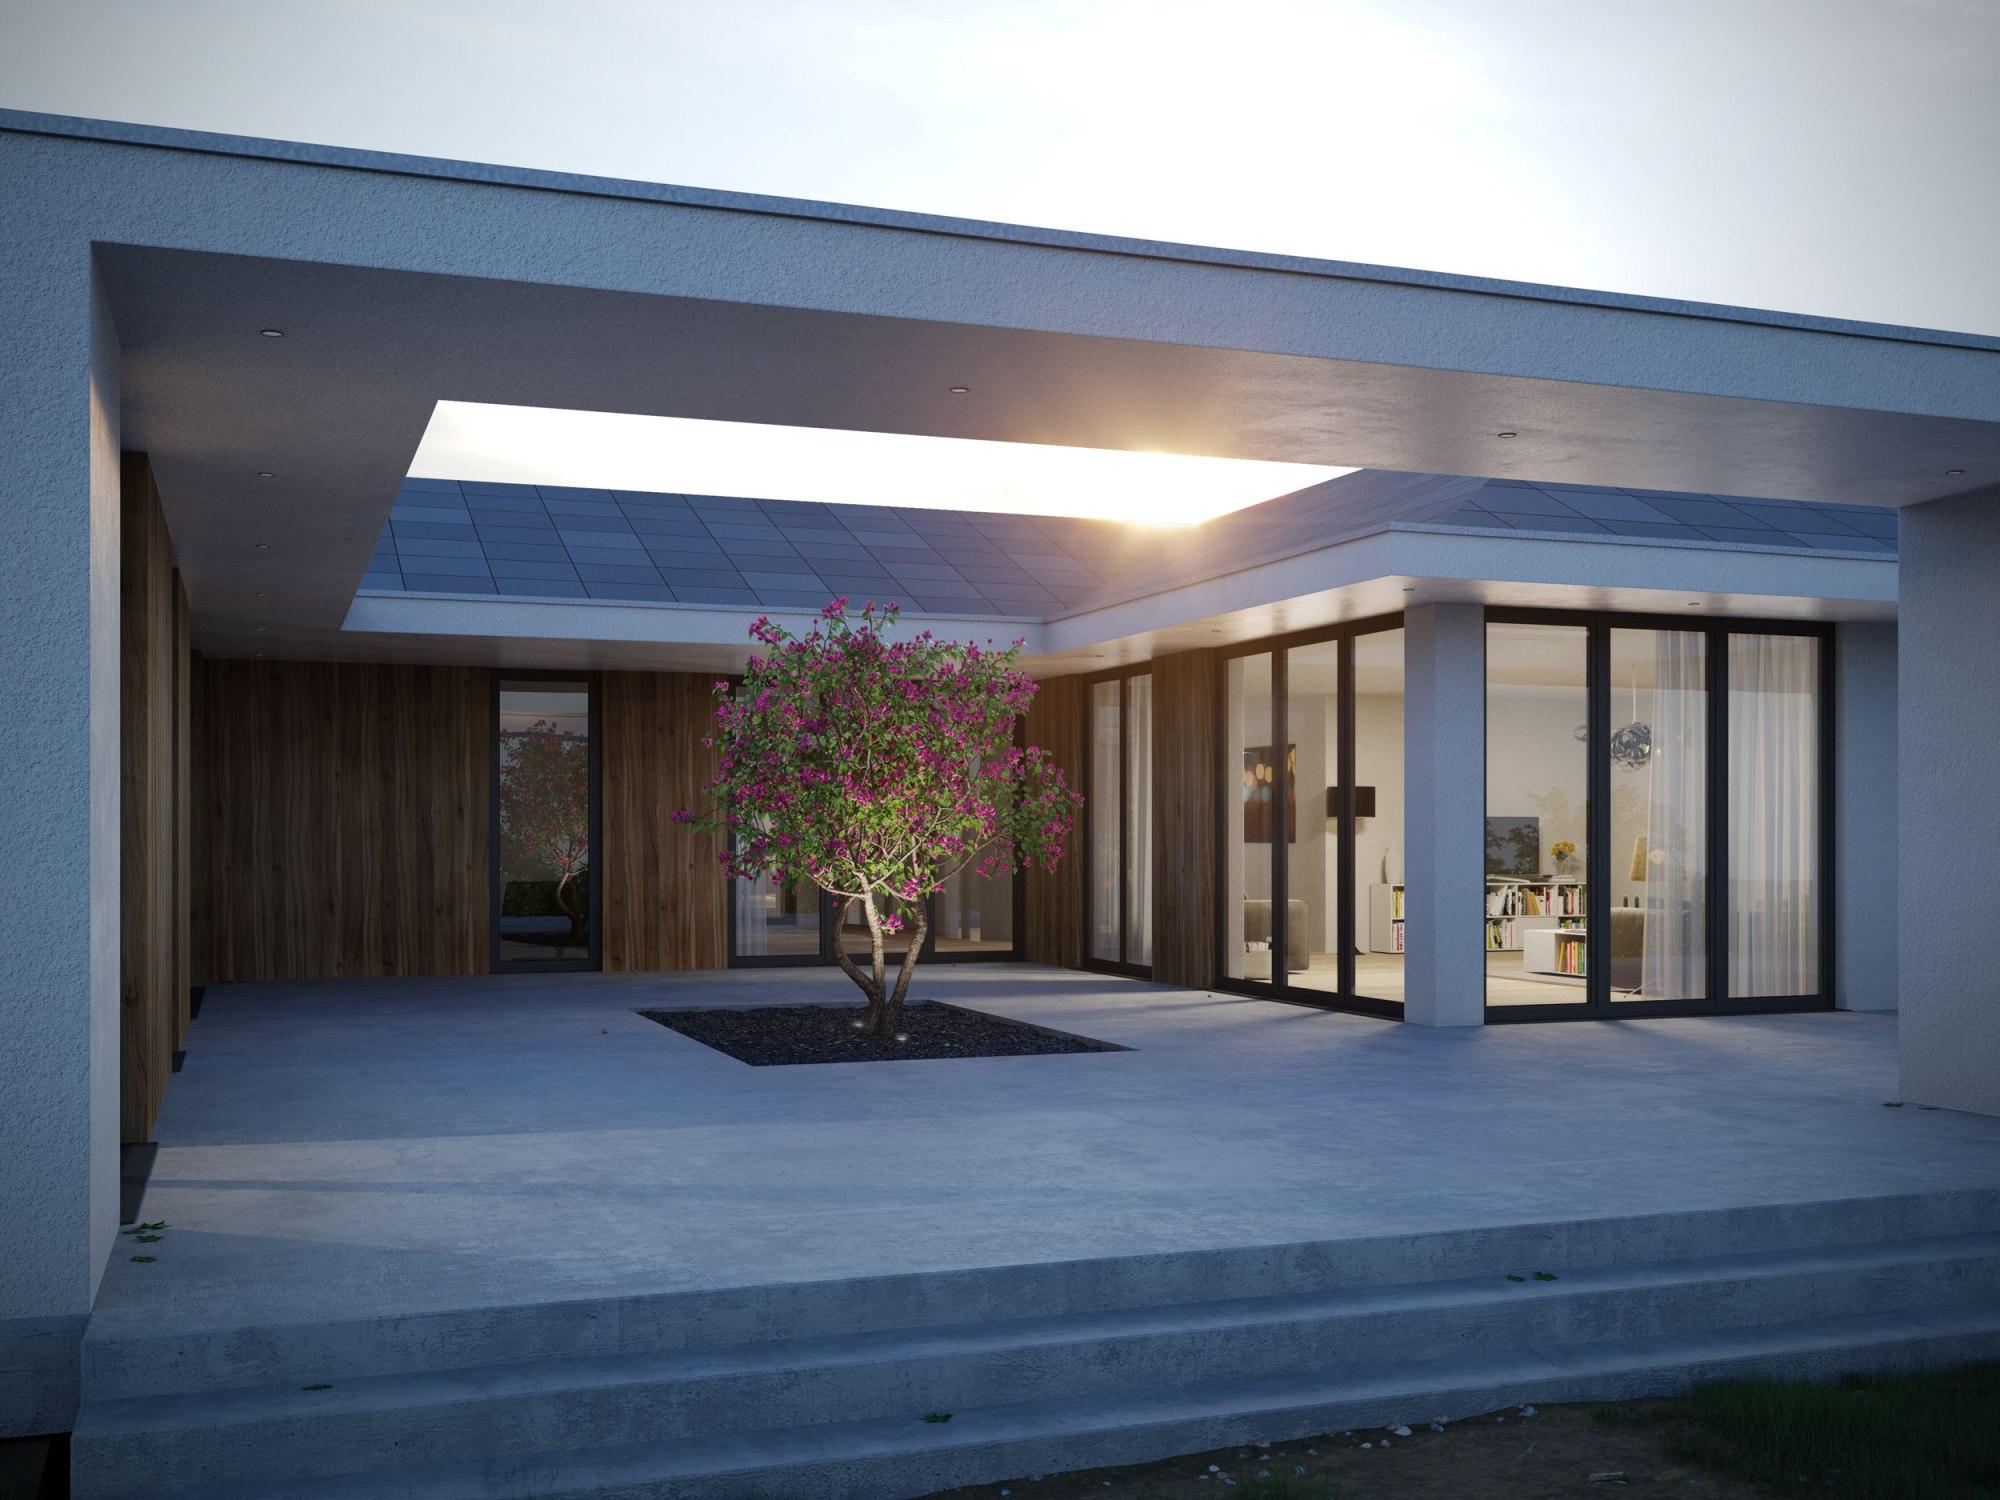 Atriumhaus meisterwerk massivhaus for Atriumhaus bauen